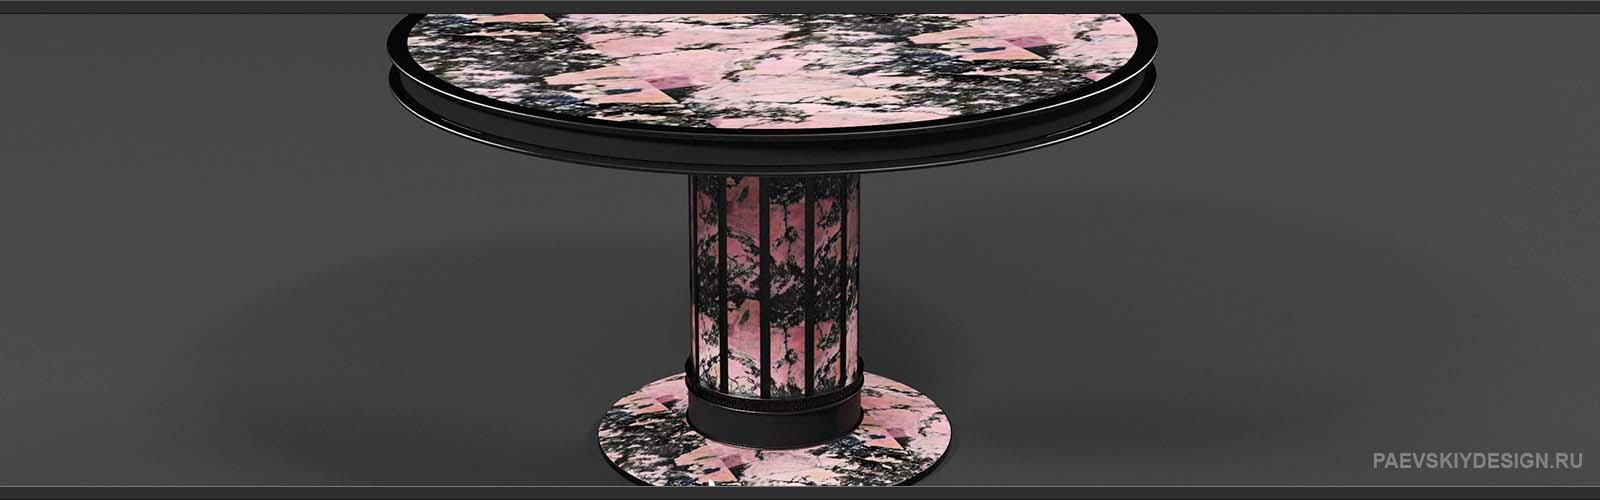 Журнальный стол с родонитом инструктированный кожей